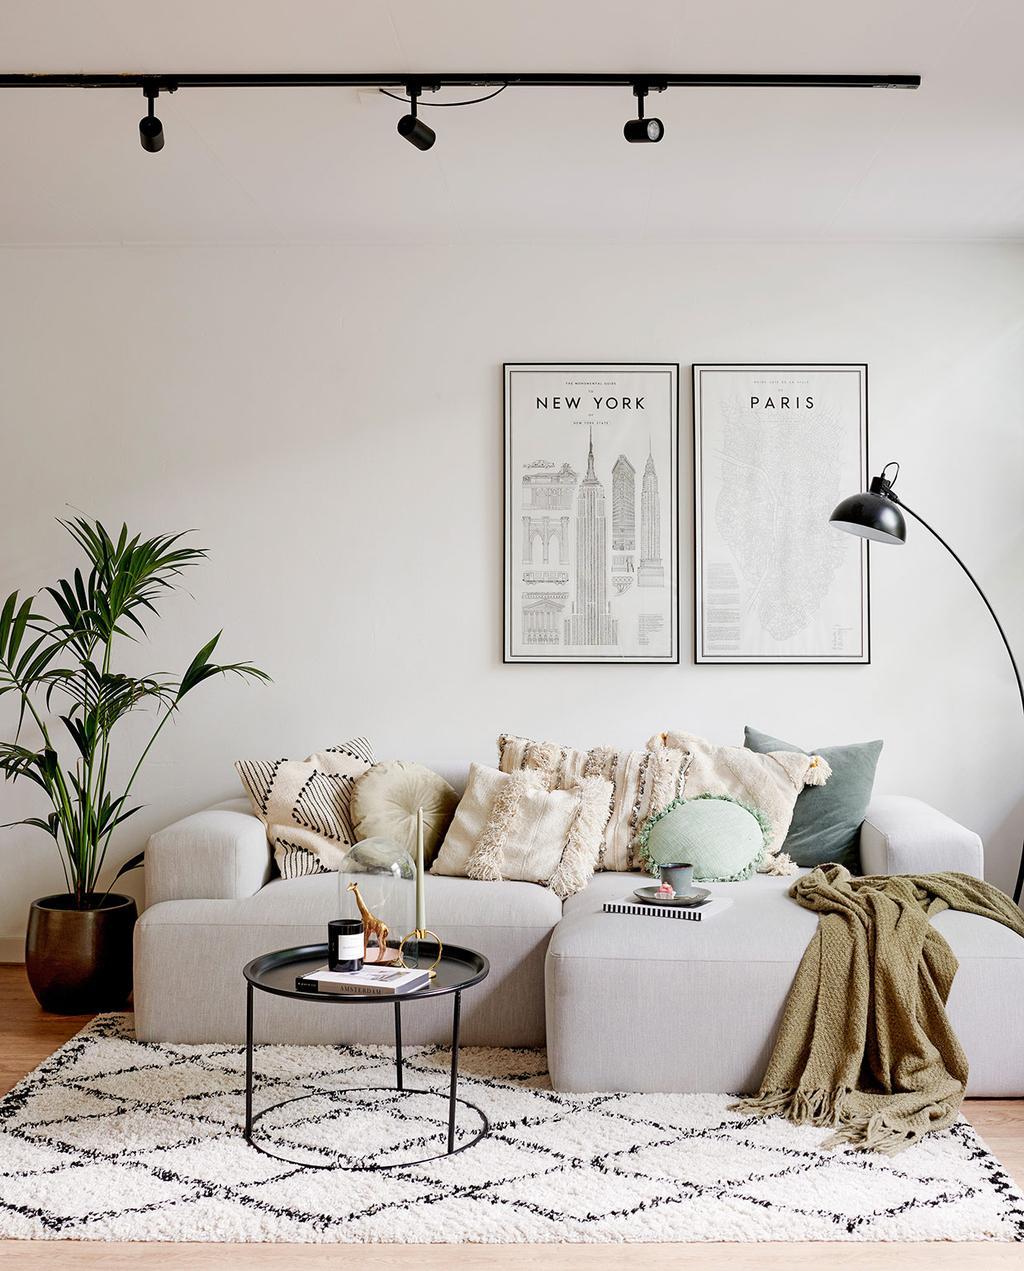 vtwonen special tiny houses | grijze grote bank in de woonkamer van het appartement van Maud en Maarten, met een New York en Amsterdam poster aan de muur